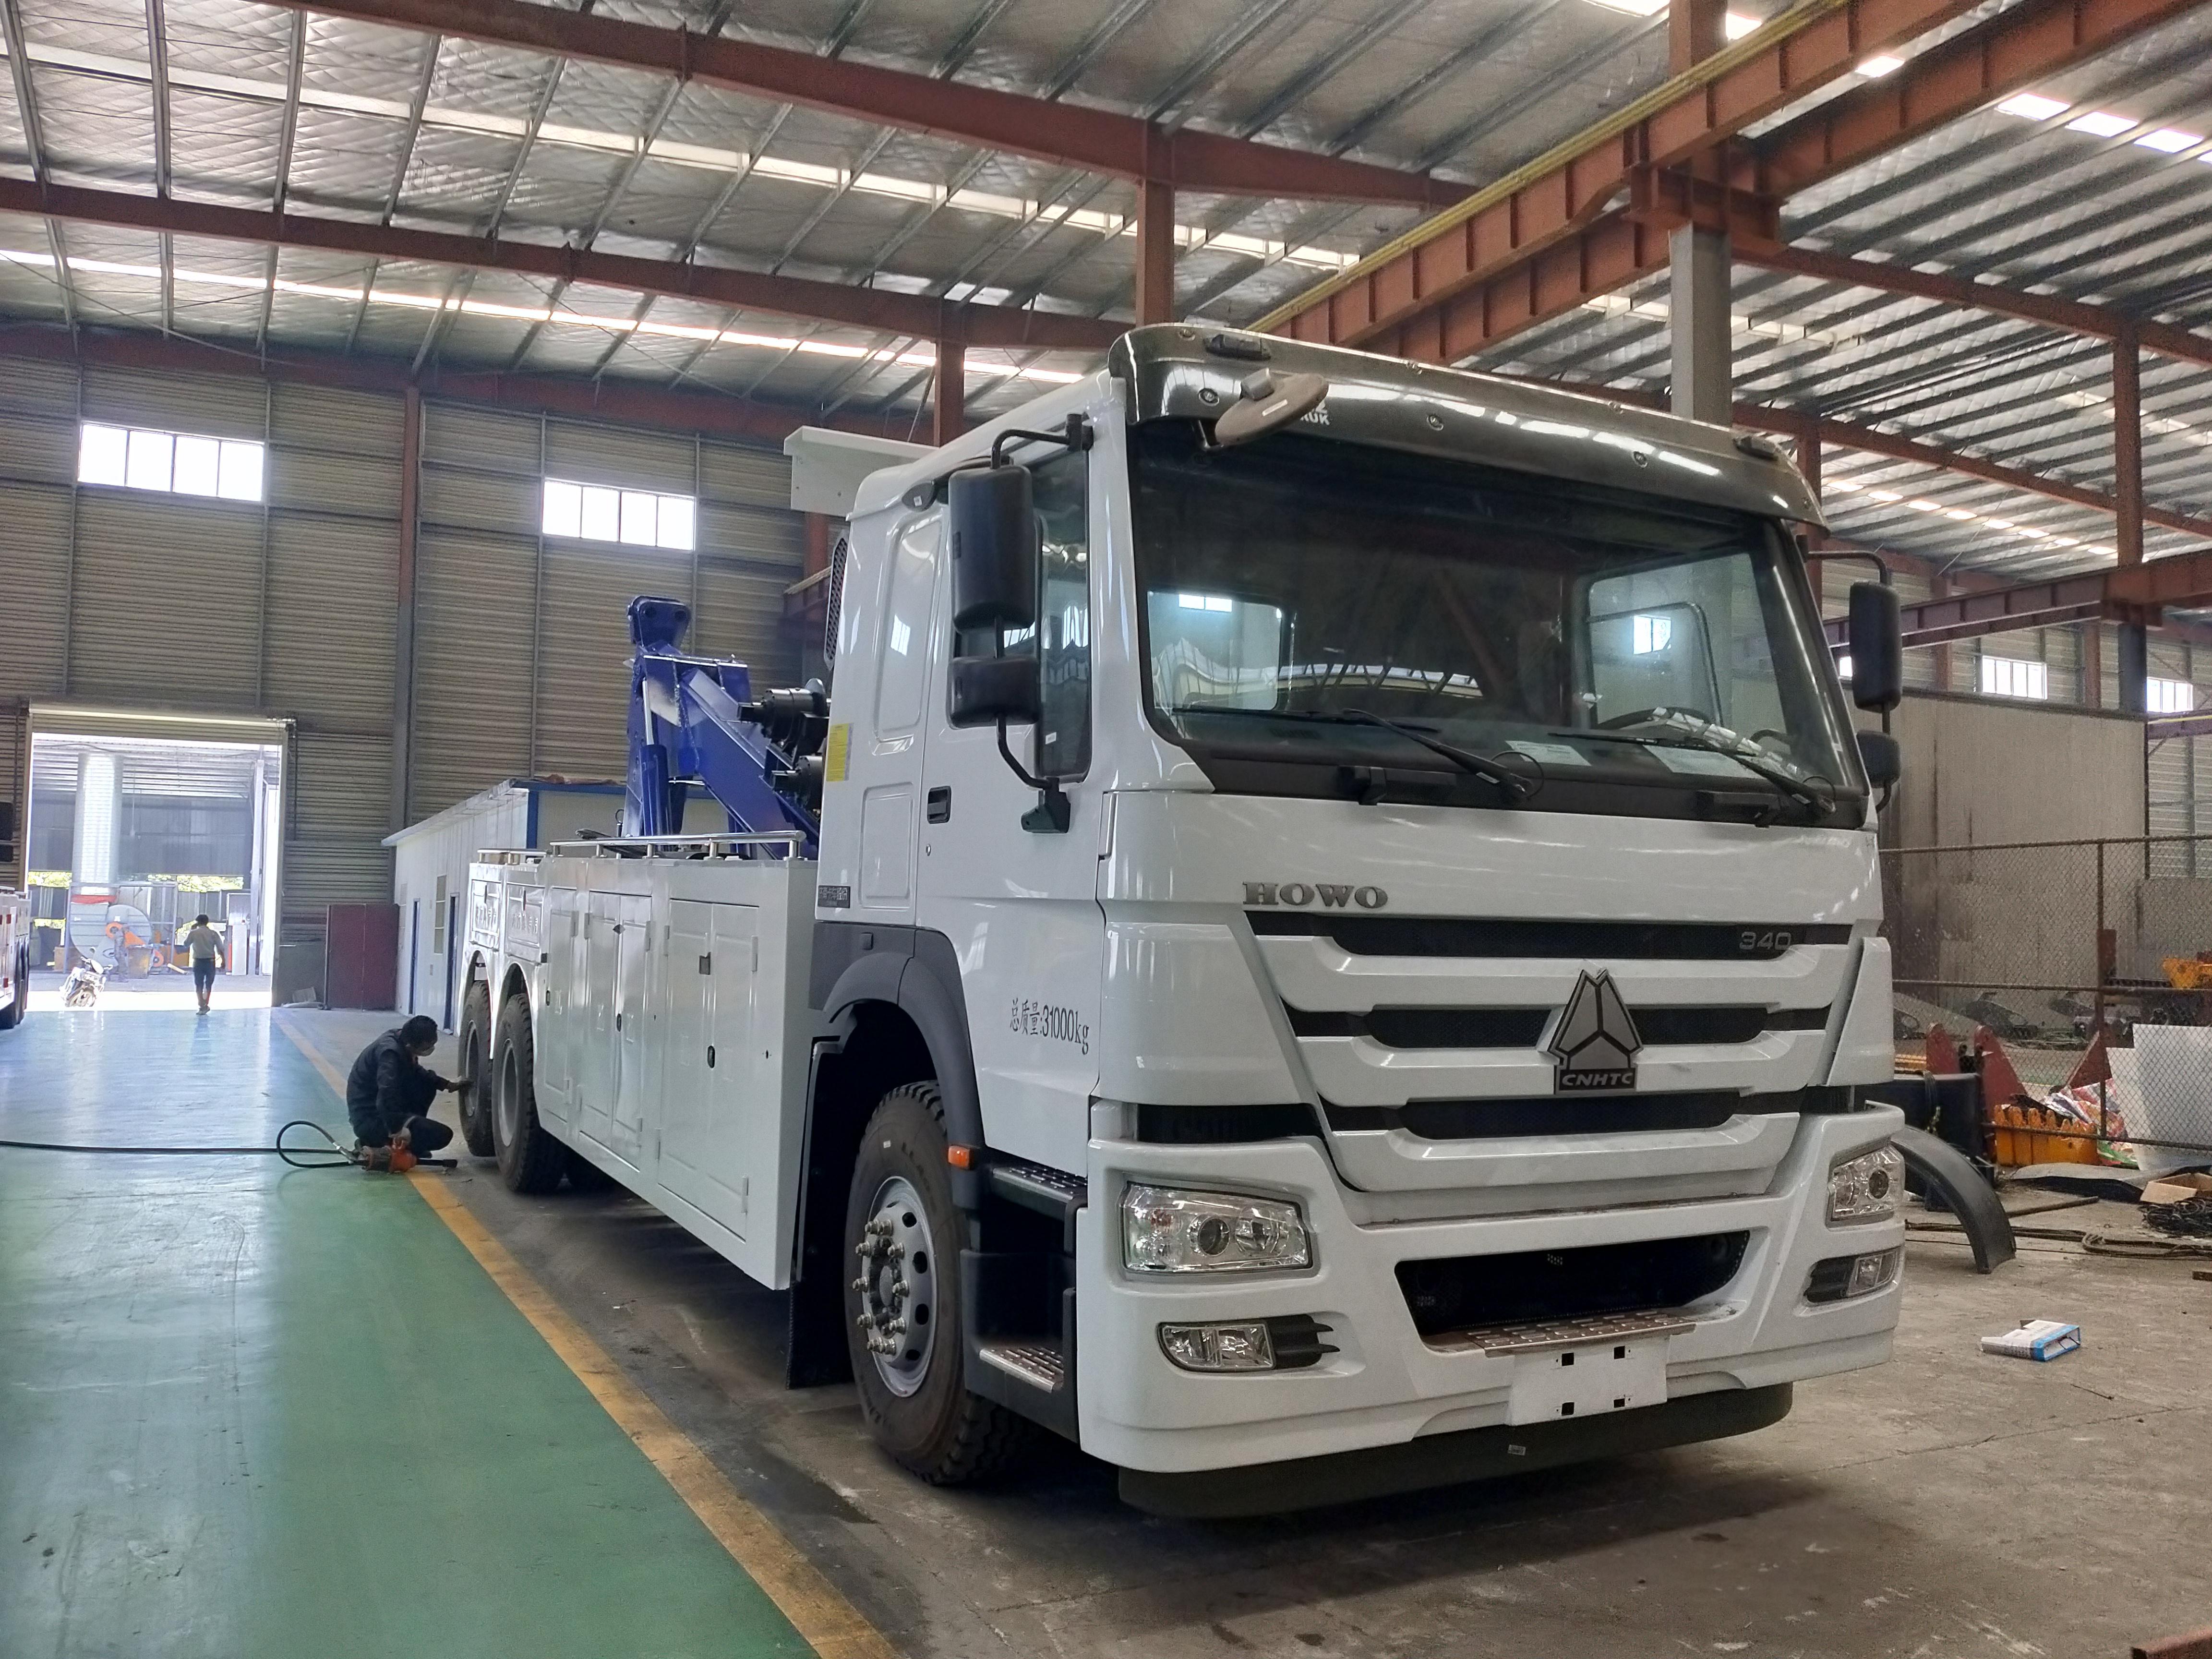 重汽豪沃后八轮大型清障车20吨上装救援拖车操作视频